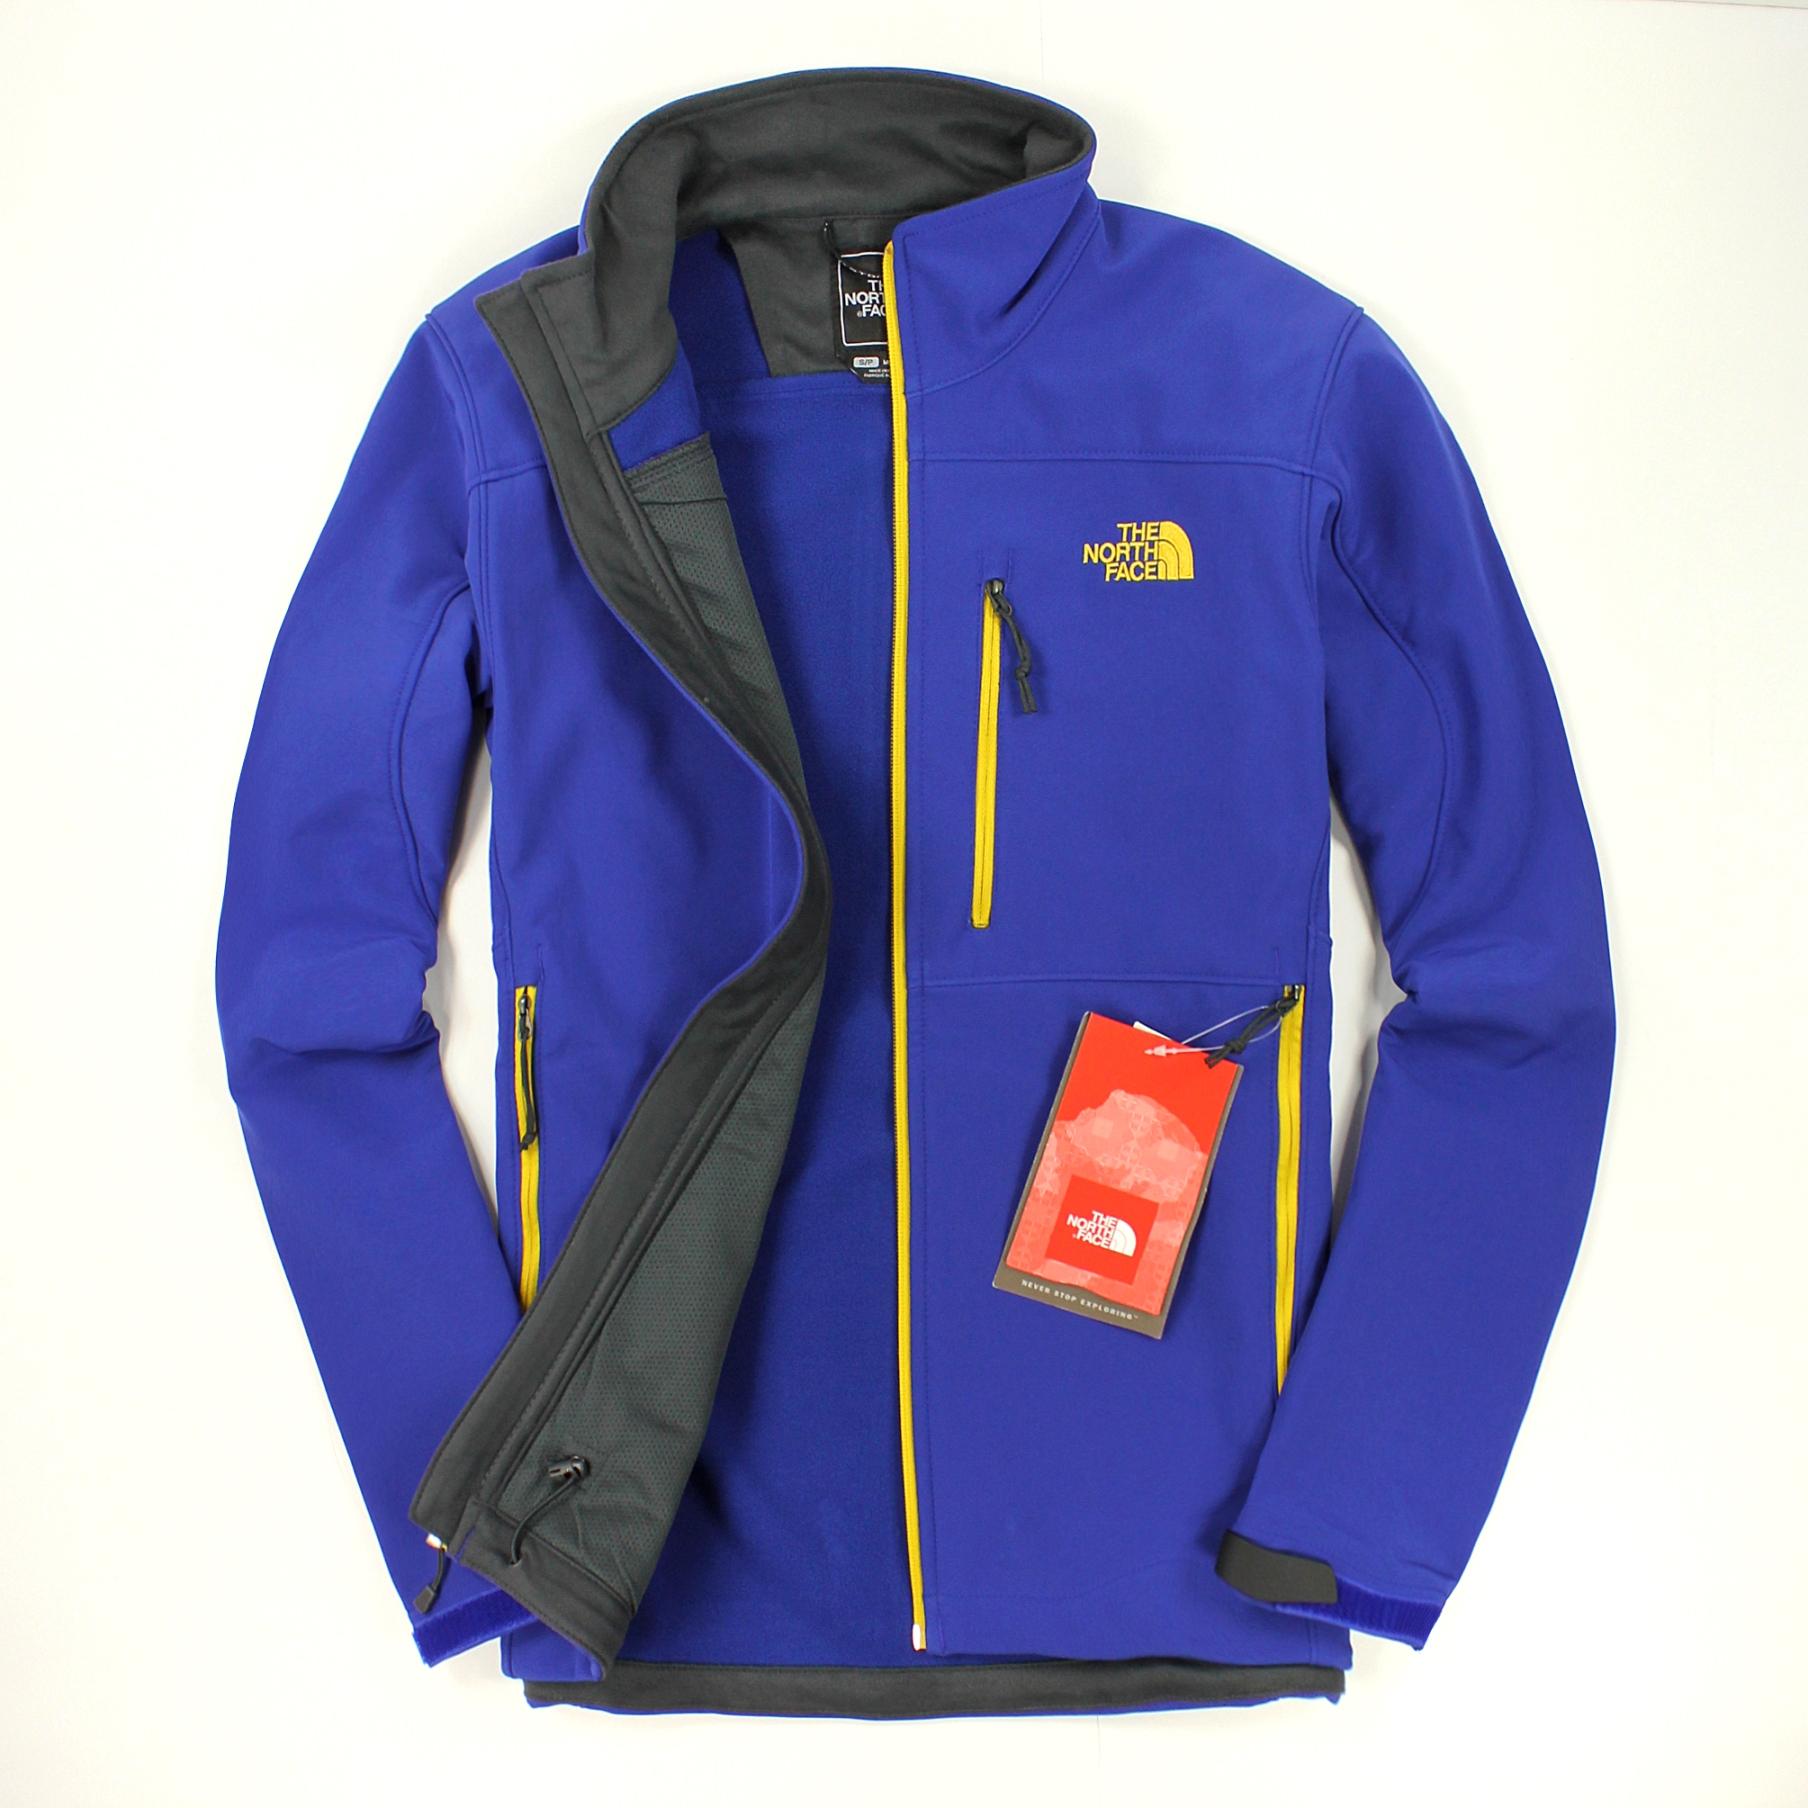 美國百分百【全新真品】The North Face 外套 TNF 軟殼 夾克 防風 防水 保暖 北臉 寶藍 男衣 S號